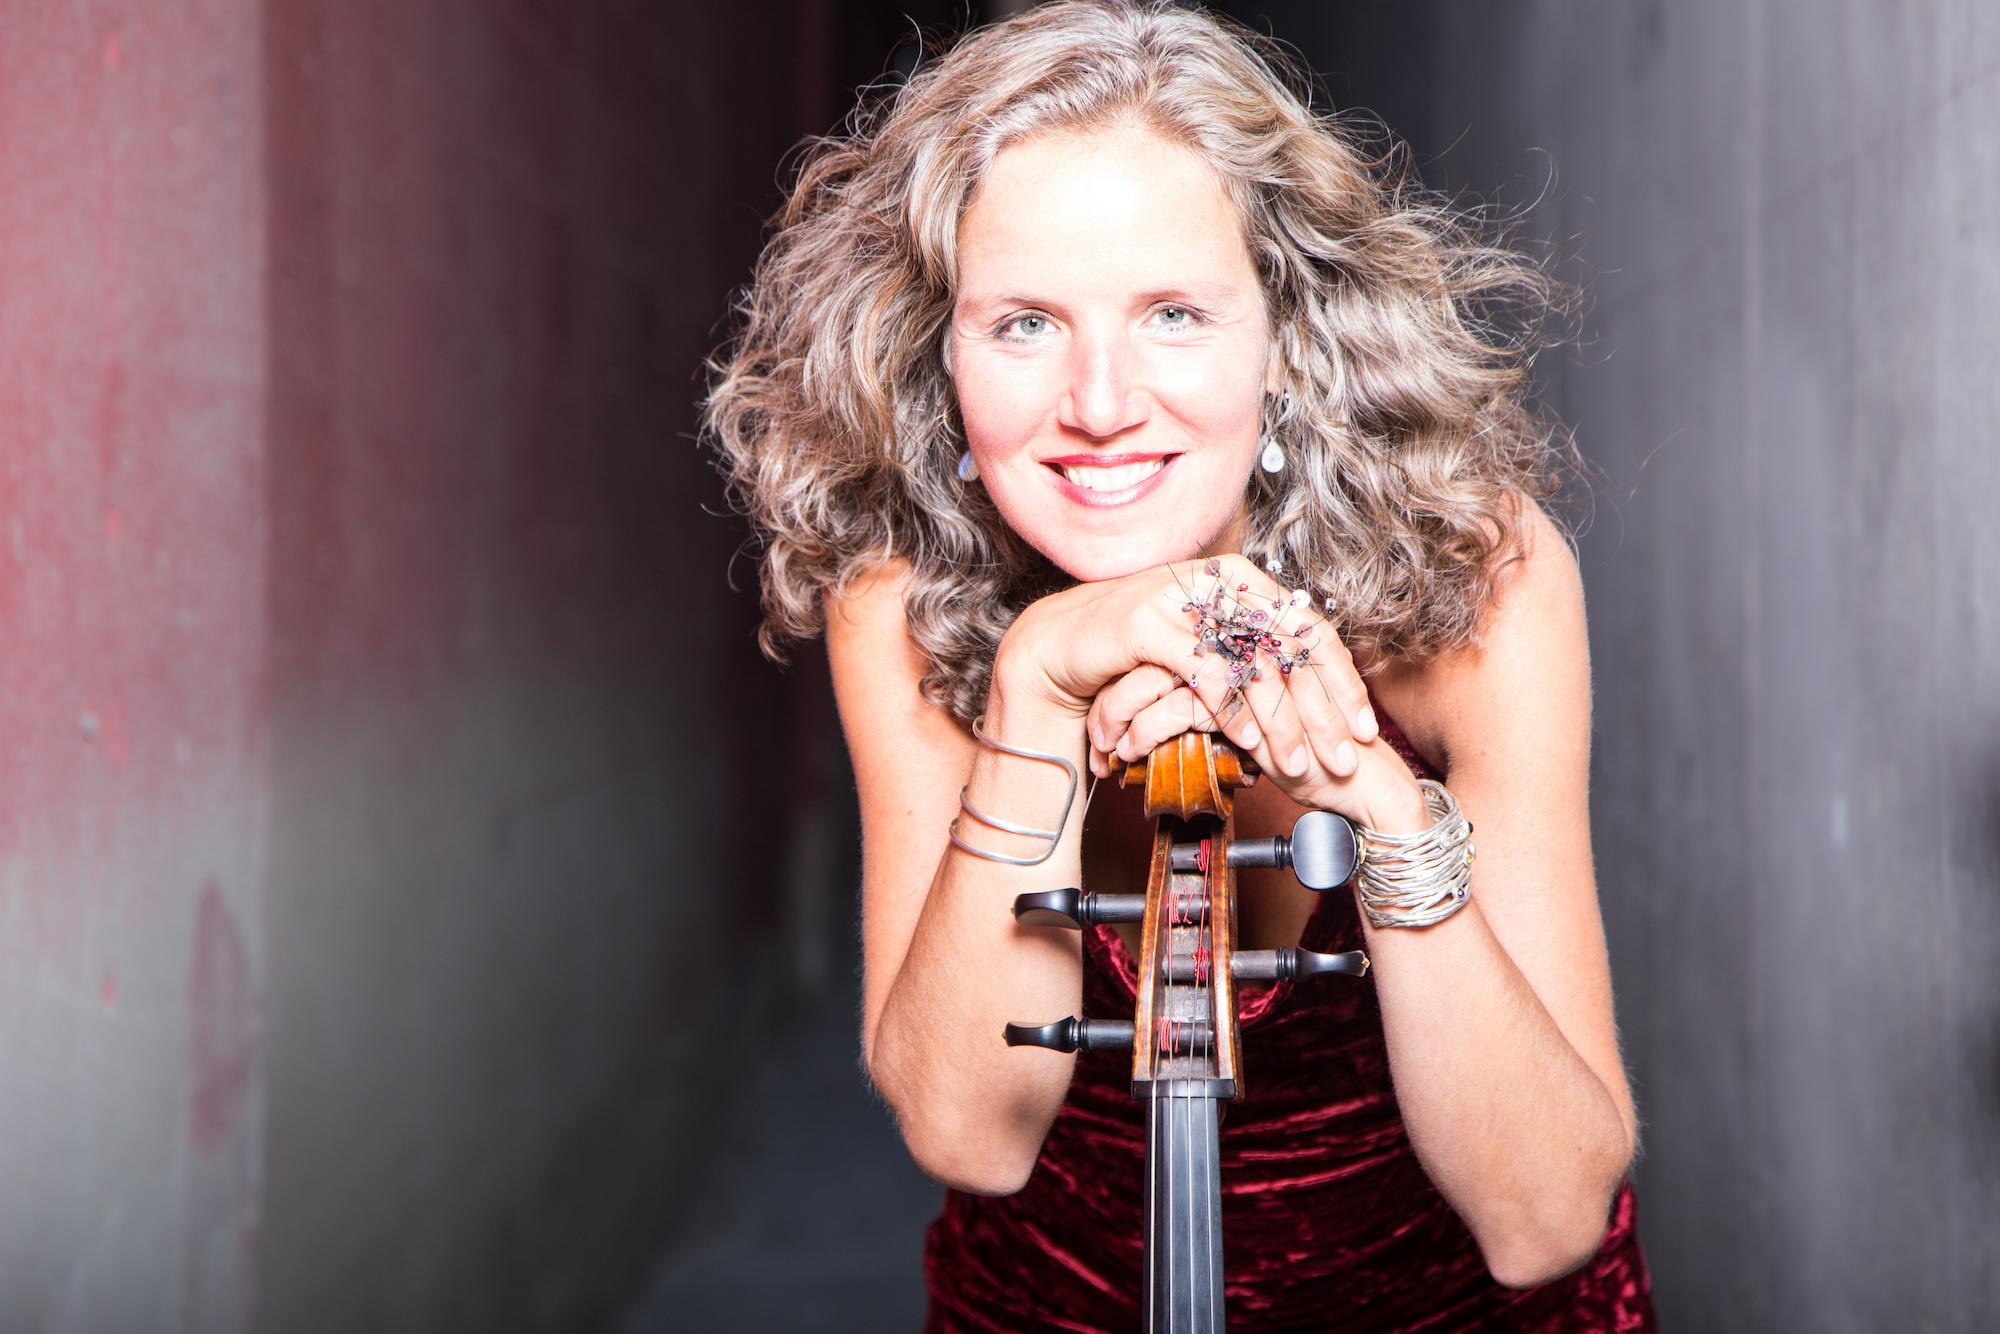 Josephine van Lier woont al meer dan 20 jaar in Edmonton en geeft regelmatig muziekconcerten in deze bruisende stad in Canada